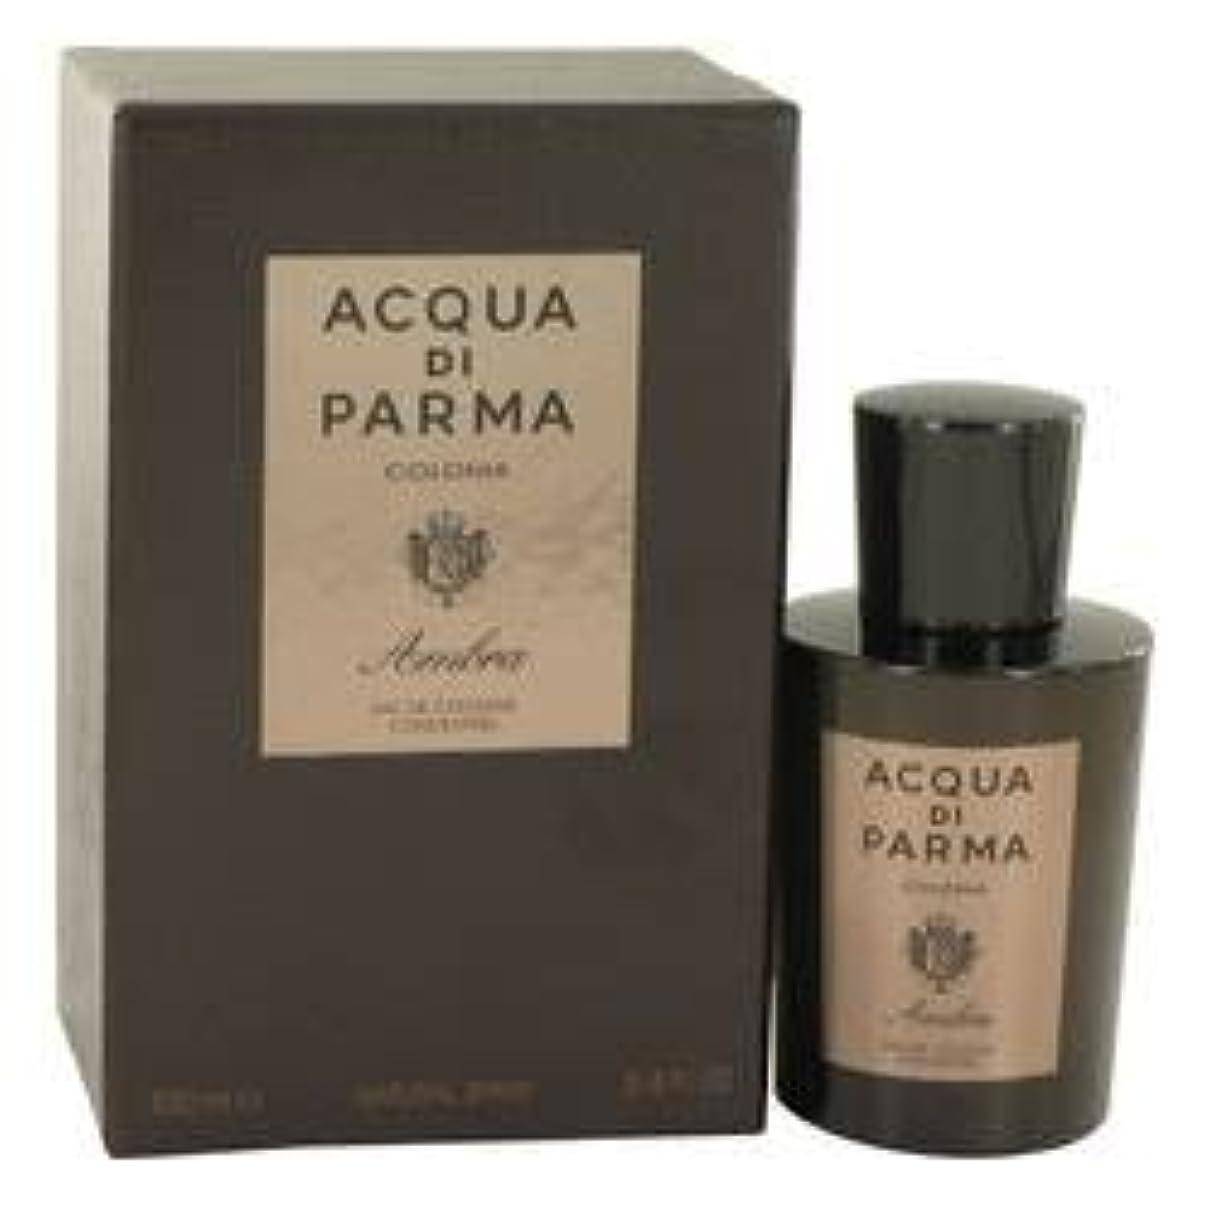 スラダムかける床Acqua Di Parma Colonia Ambra Eau De Cologne Concentrate Spray By Acqua Di Parma